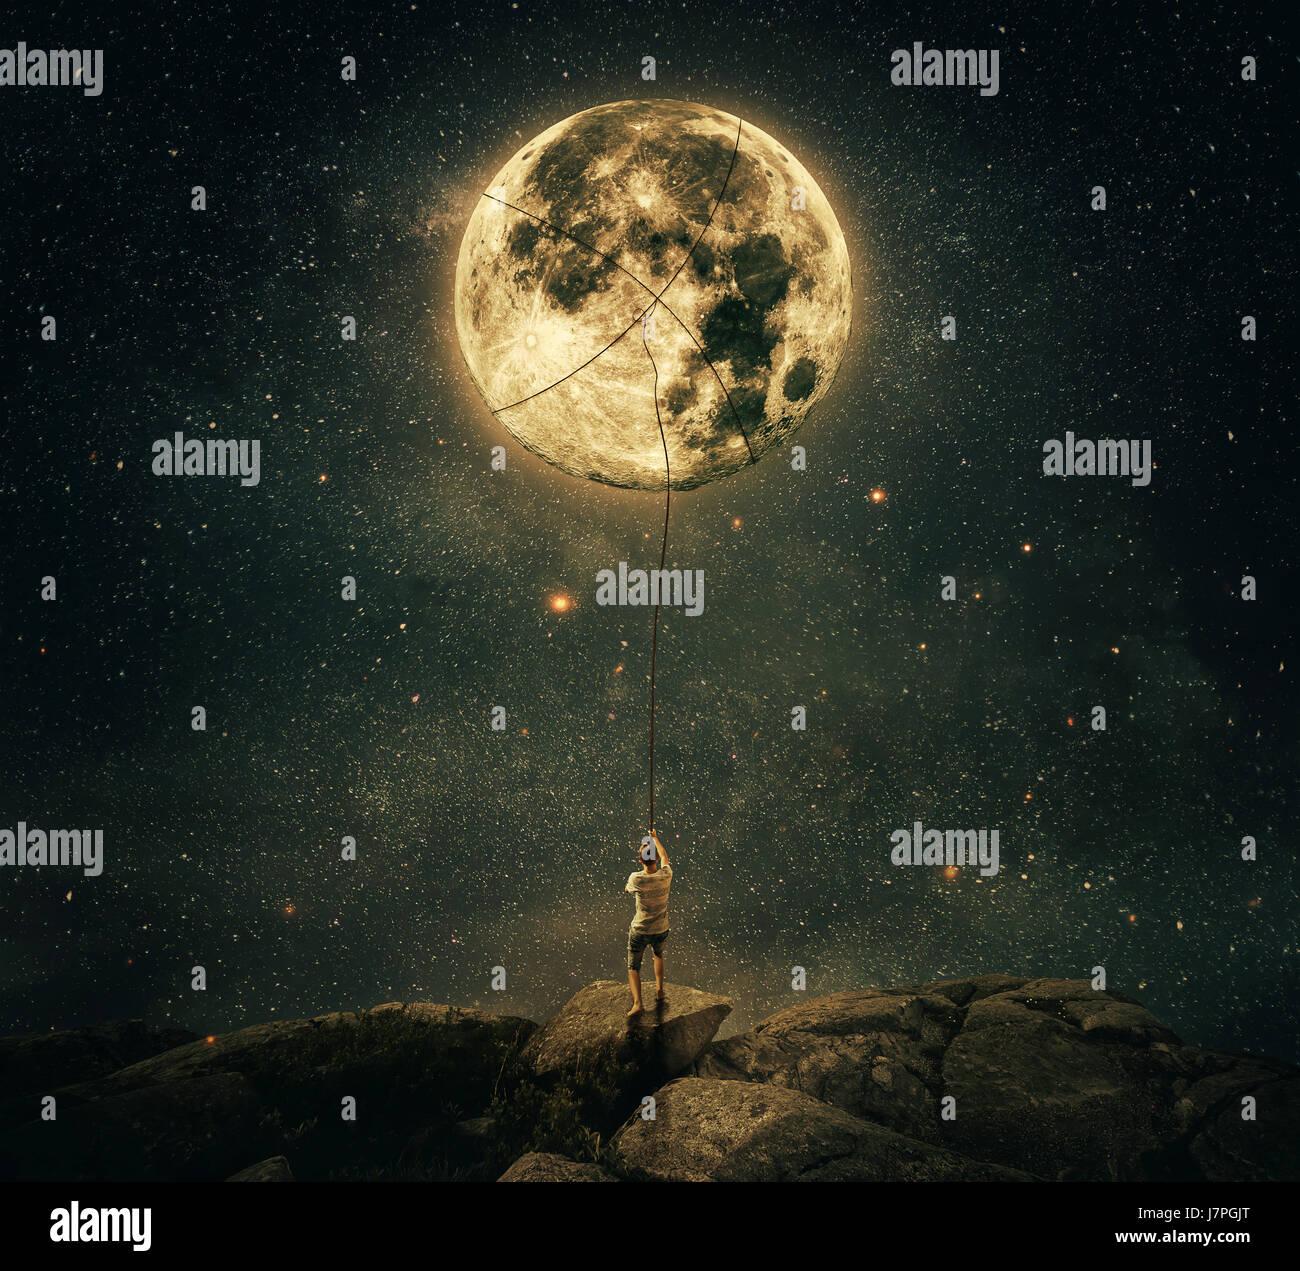 Vue imaginaire comme un jeune homme tenant une corde, essayez d'attraper et tirer la pleine lune du ciel nocturne. Photo Stock